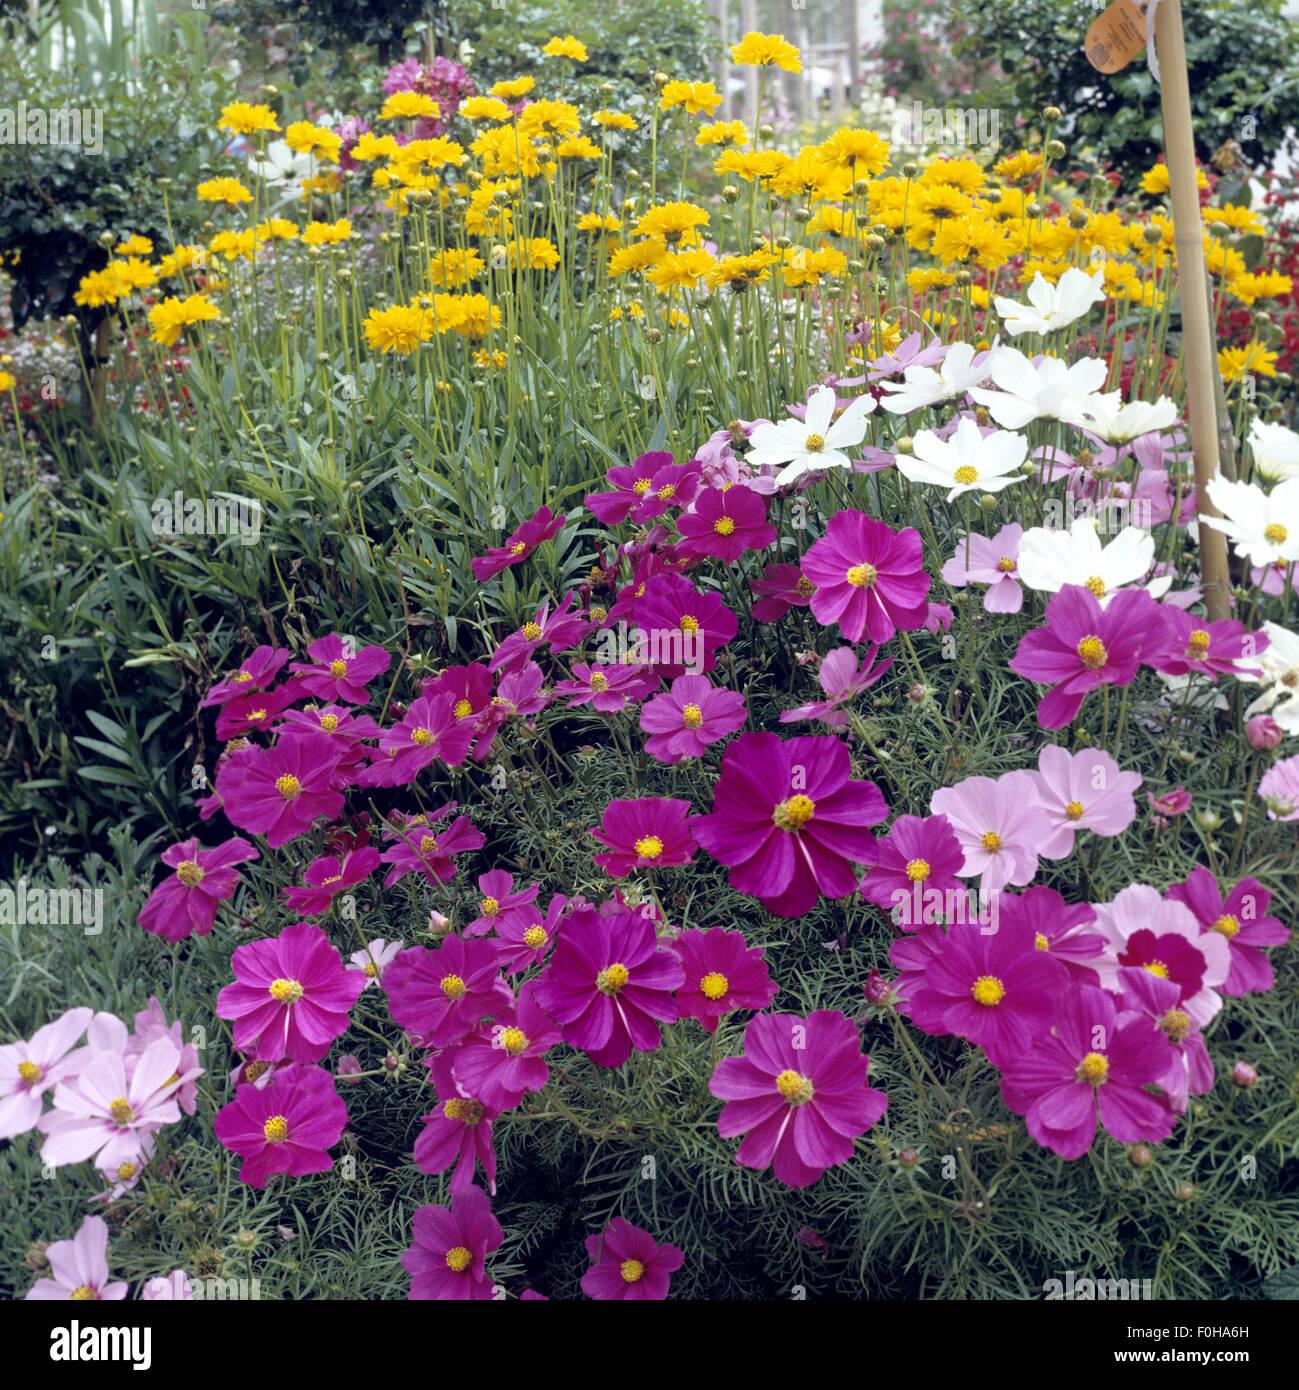 Blumenbeet, Schmuckkoerbchen Stock Photo